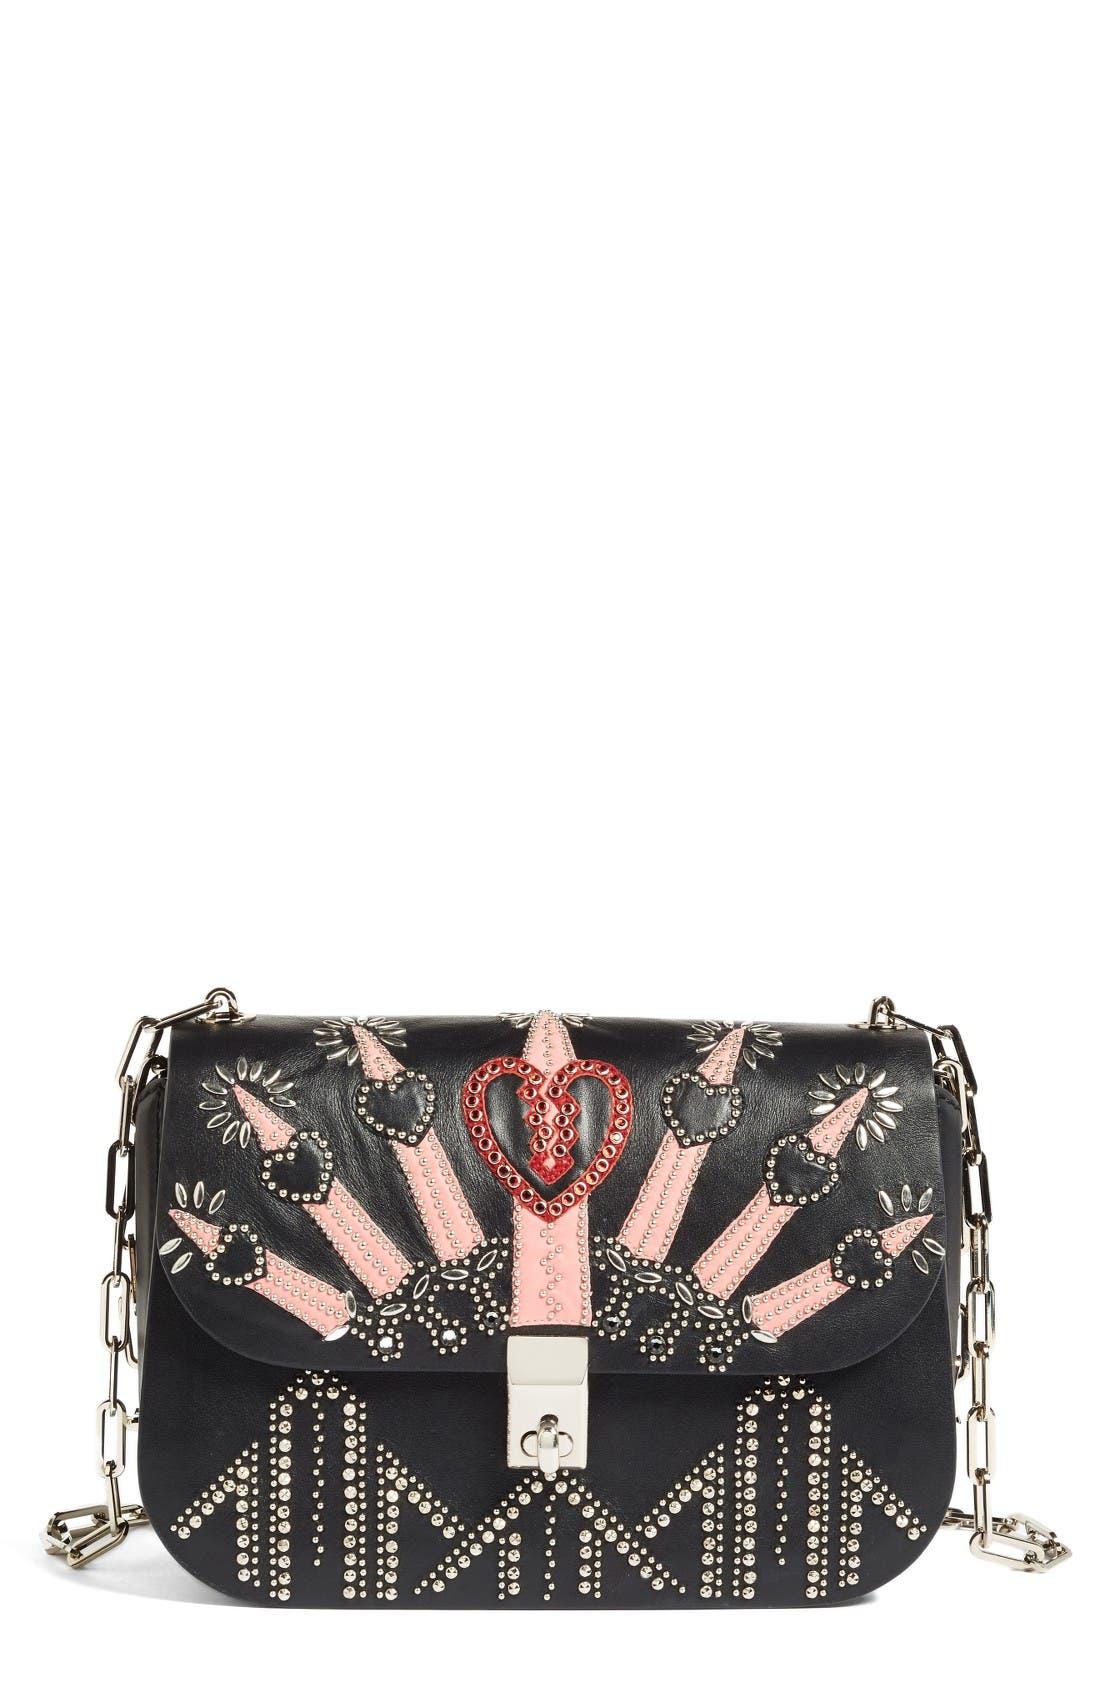 Alternate Image 1 Selected - Valentino Love Blade Embroidered Calfskin Leather Shoulder Bag